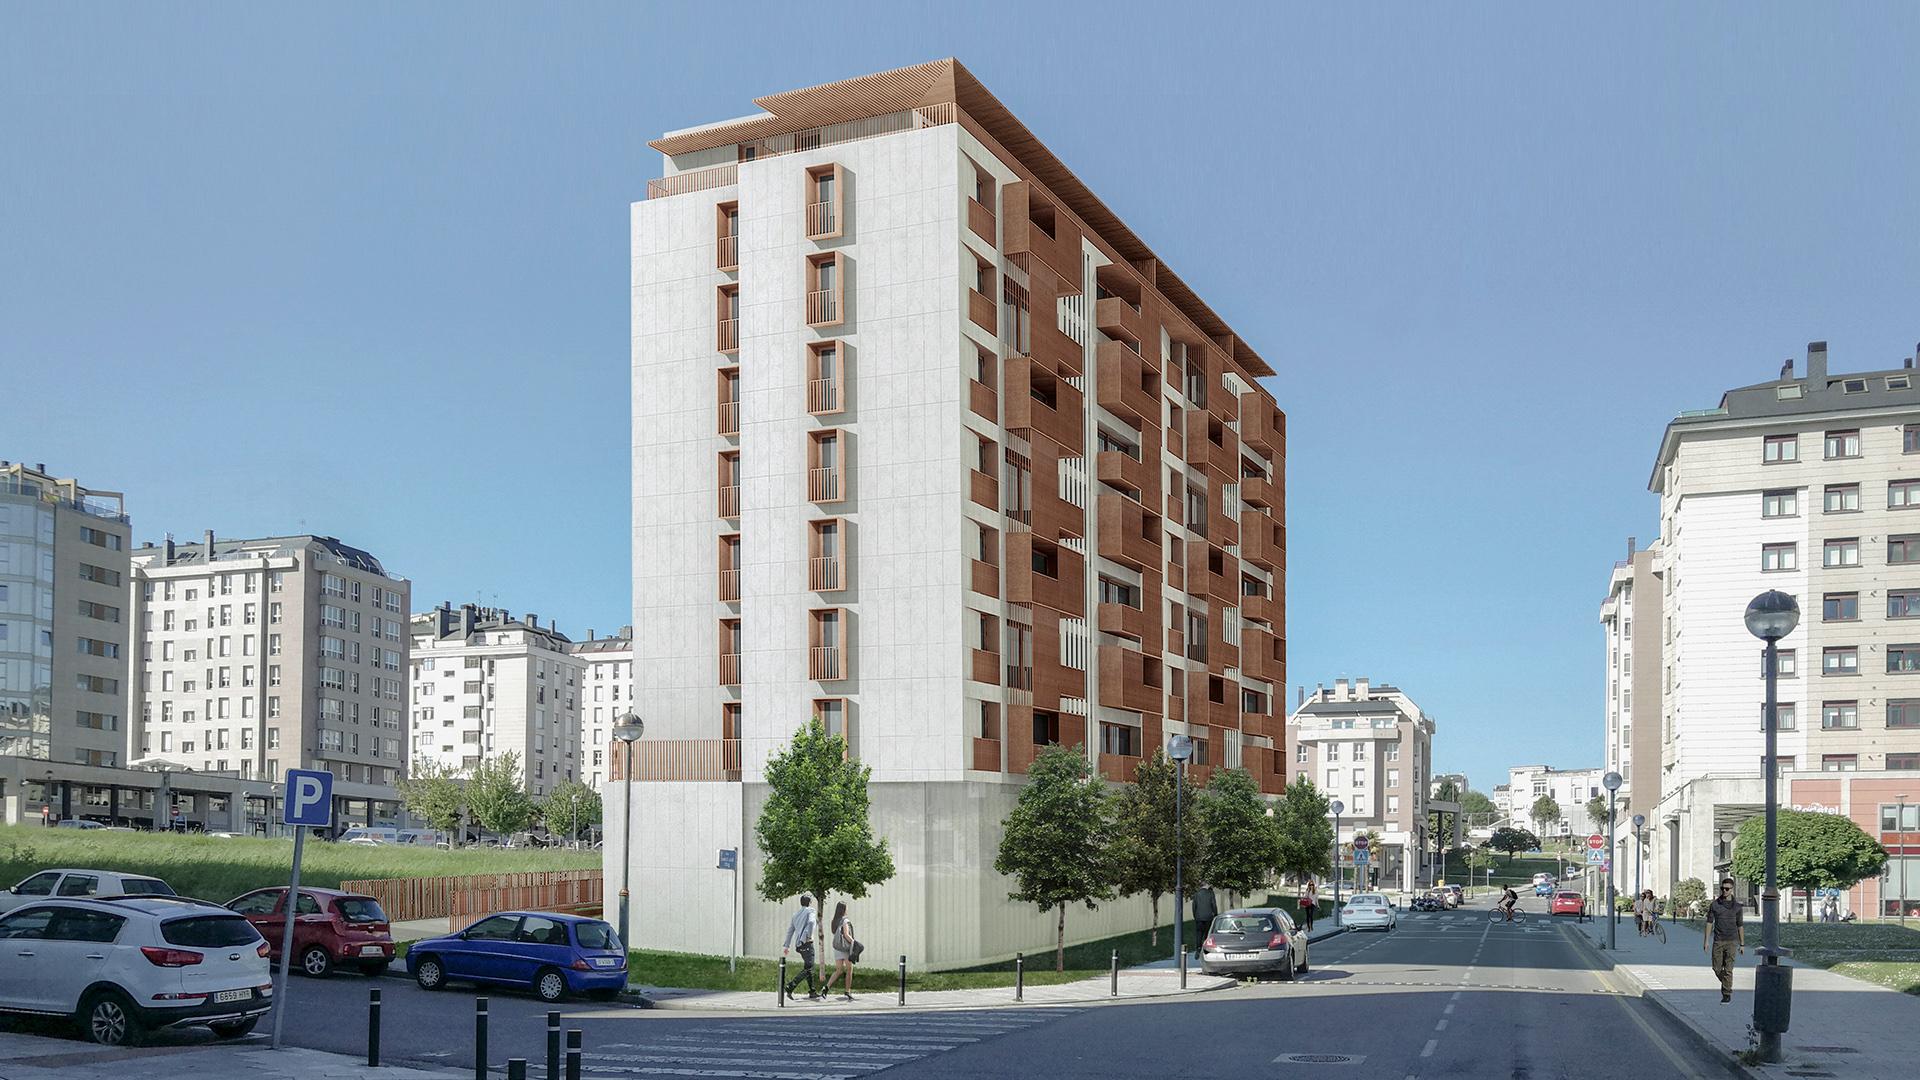 04_Fachada Dmanan Aringal Aguas Ferreas Interiorismo Edificación Zaton diseñadores Galicia